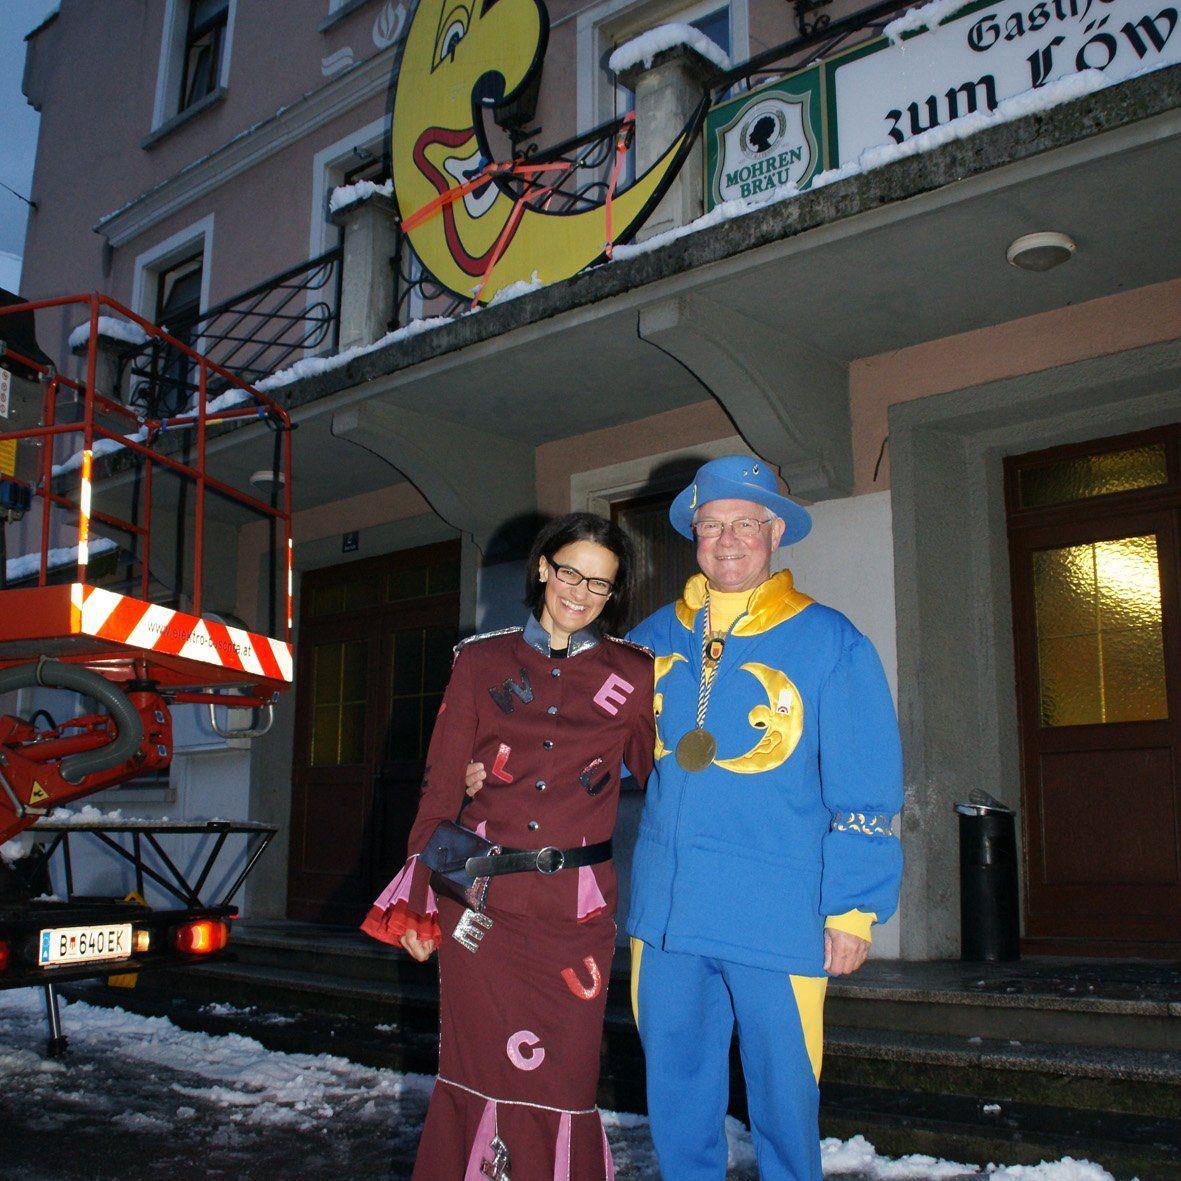 Petra Gebhard und Kurt Hecht verhandelten über den gekidnappten Mond.